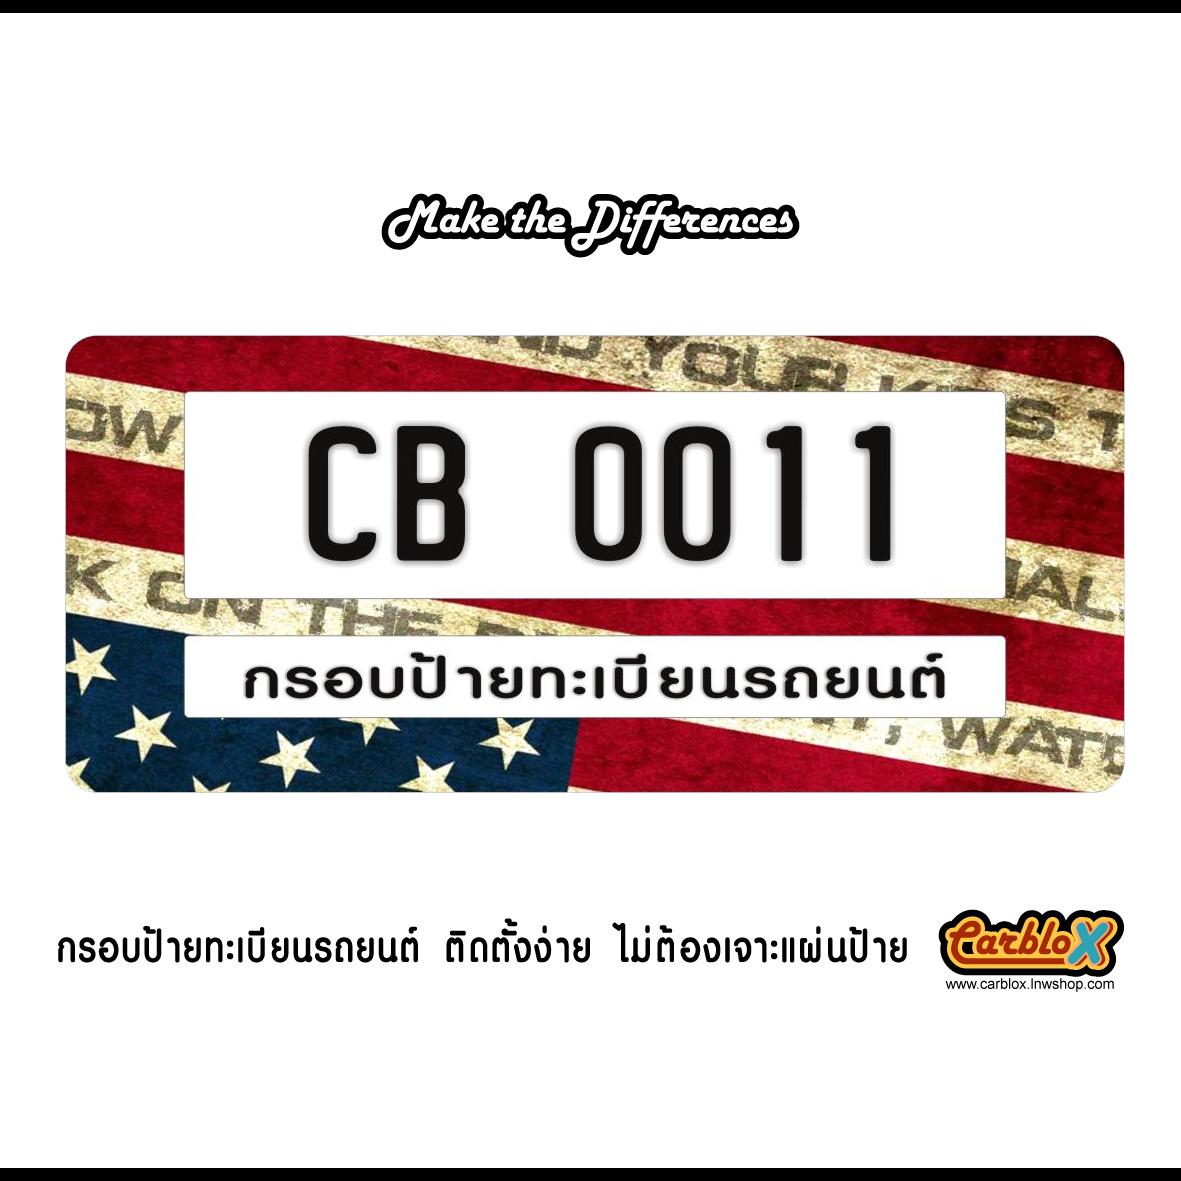 กรอบป้ายทะเบียนรถยนต์ CARBLOX ลายธงชาติสหรัฐอเมริกา ระหัส CB 0011 UNITED STATE OF AMERICA FLAG.